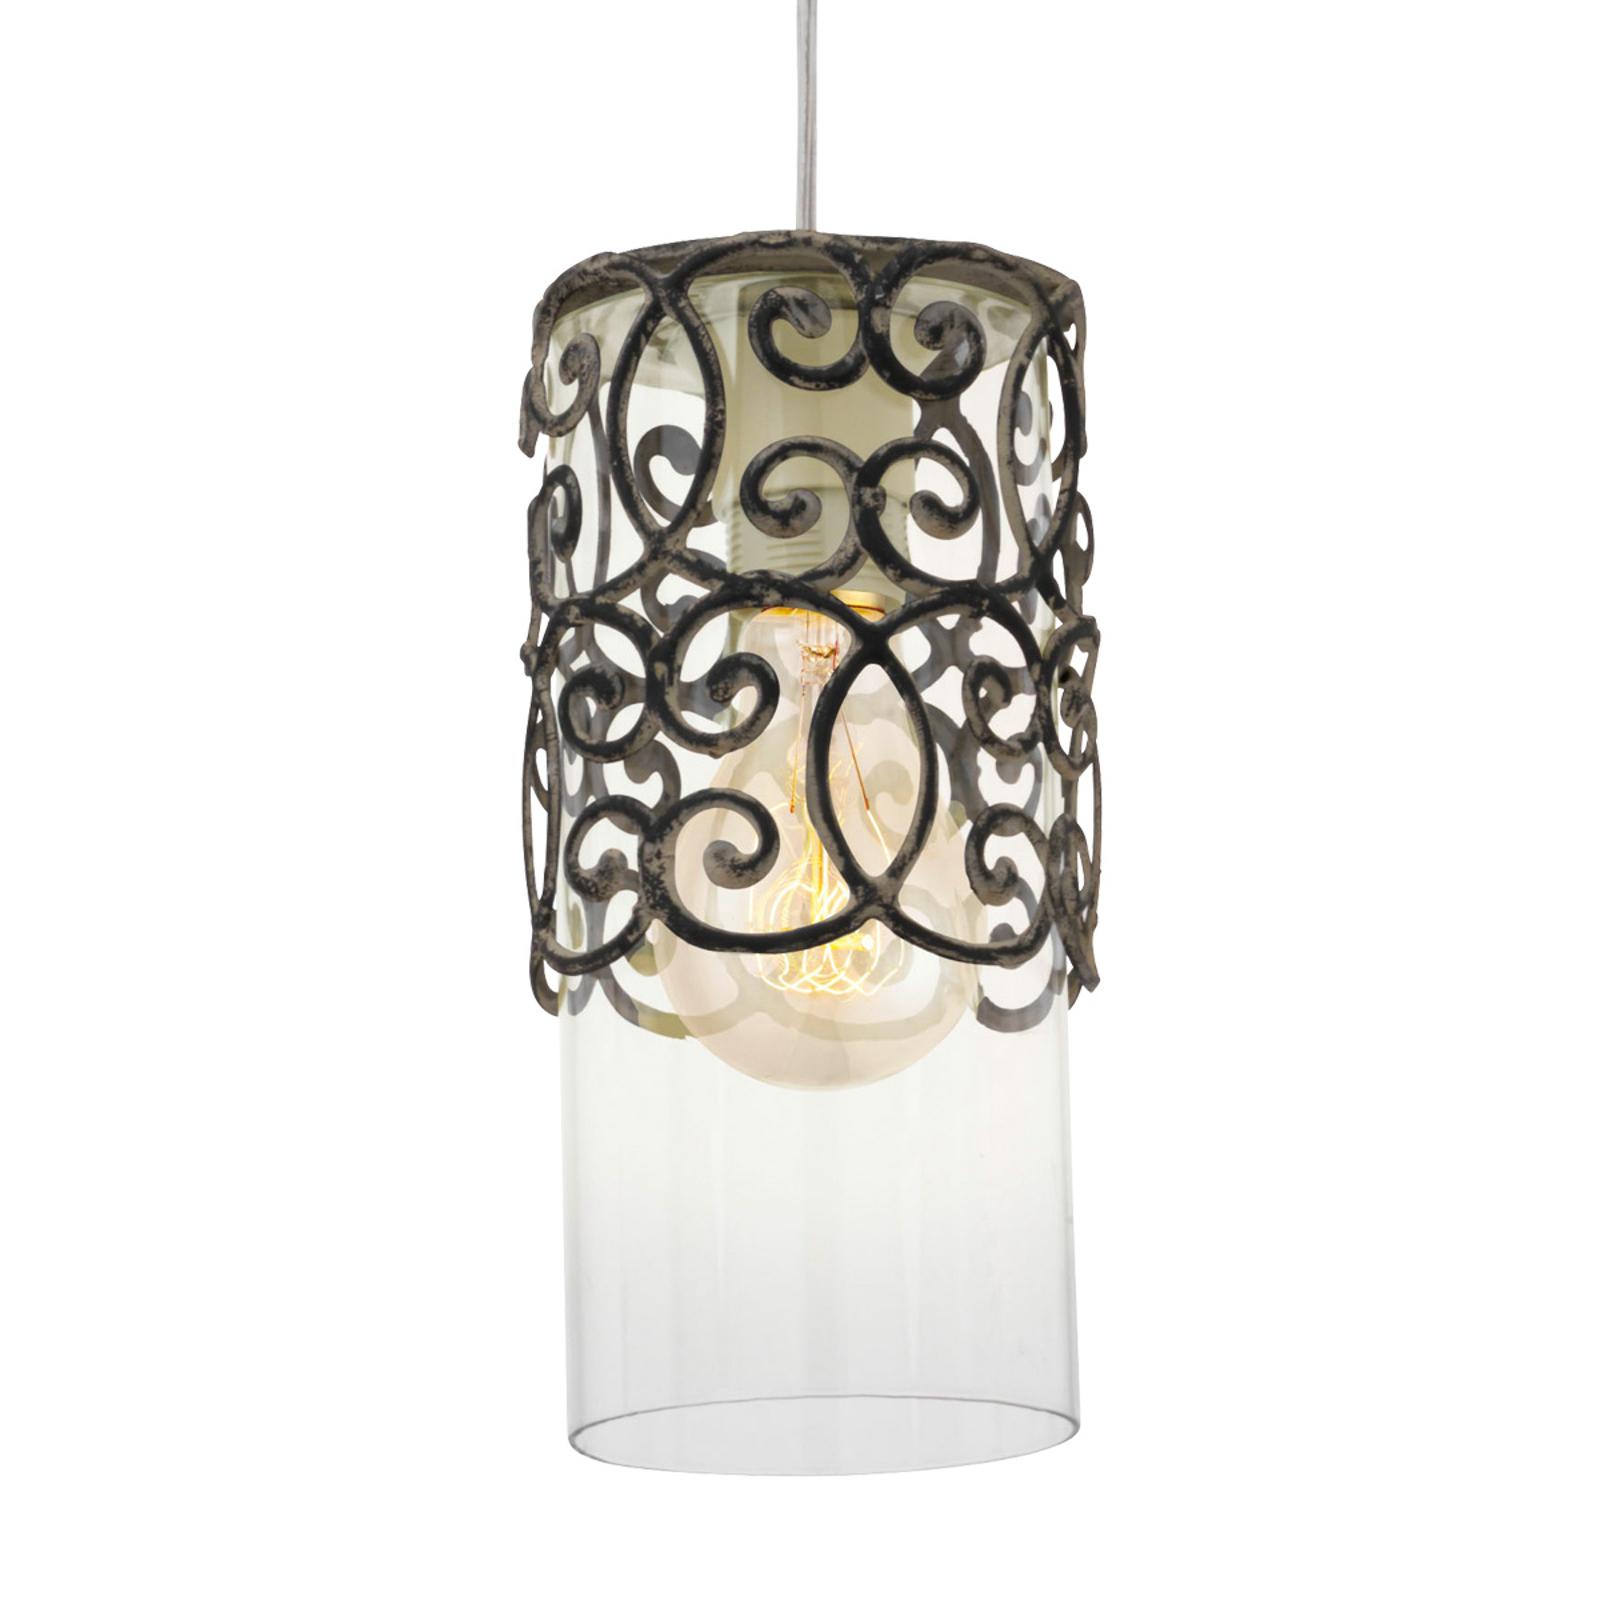 Pendant lamp Vintage brown_3031585_1